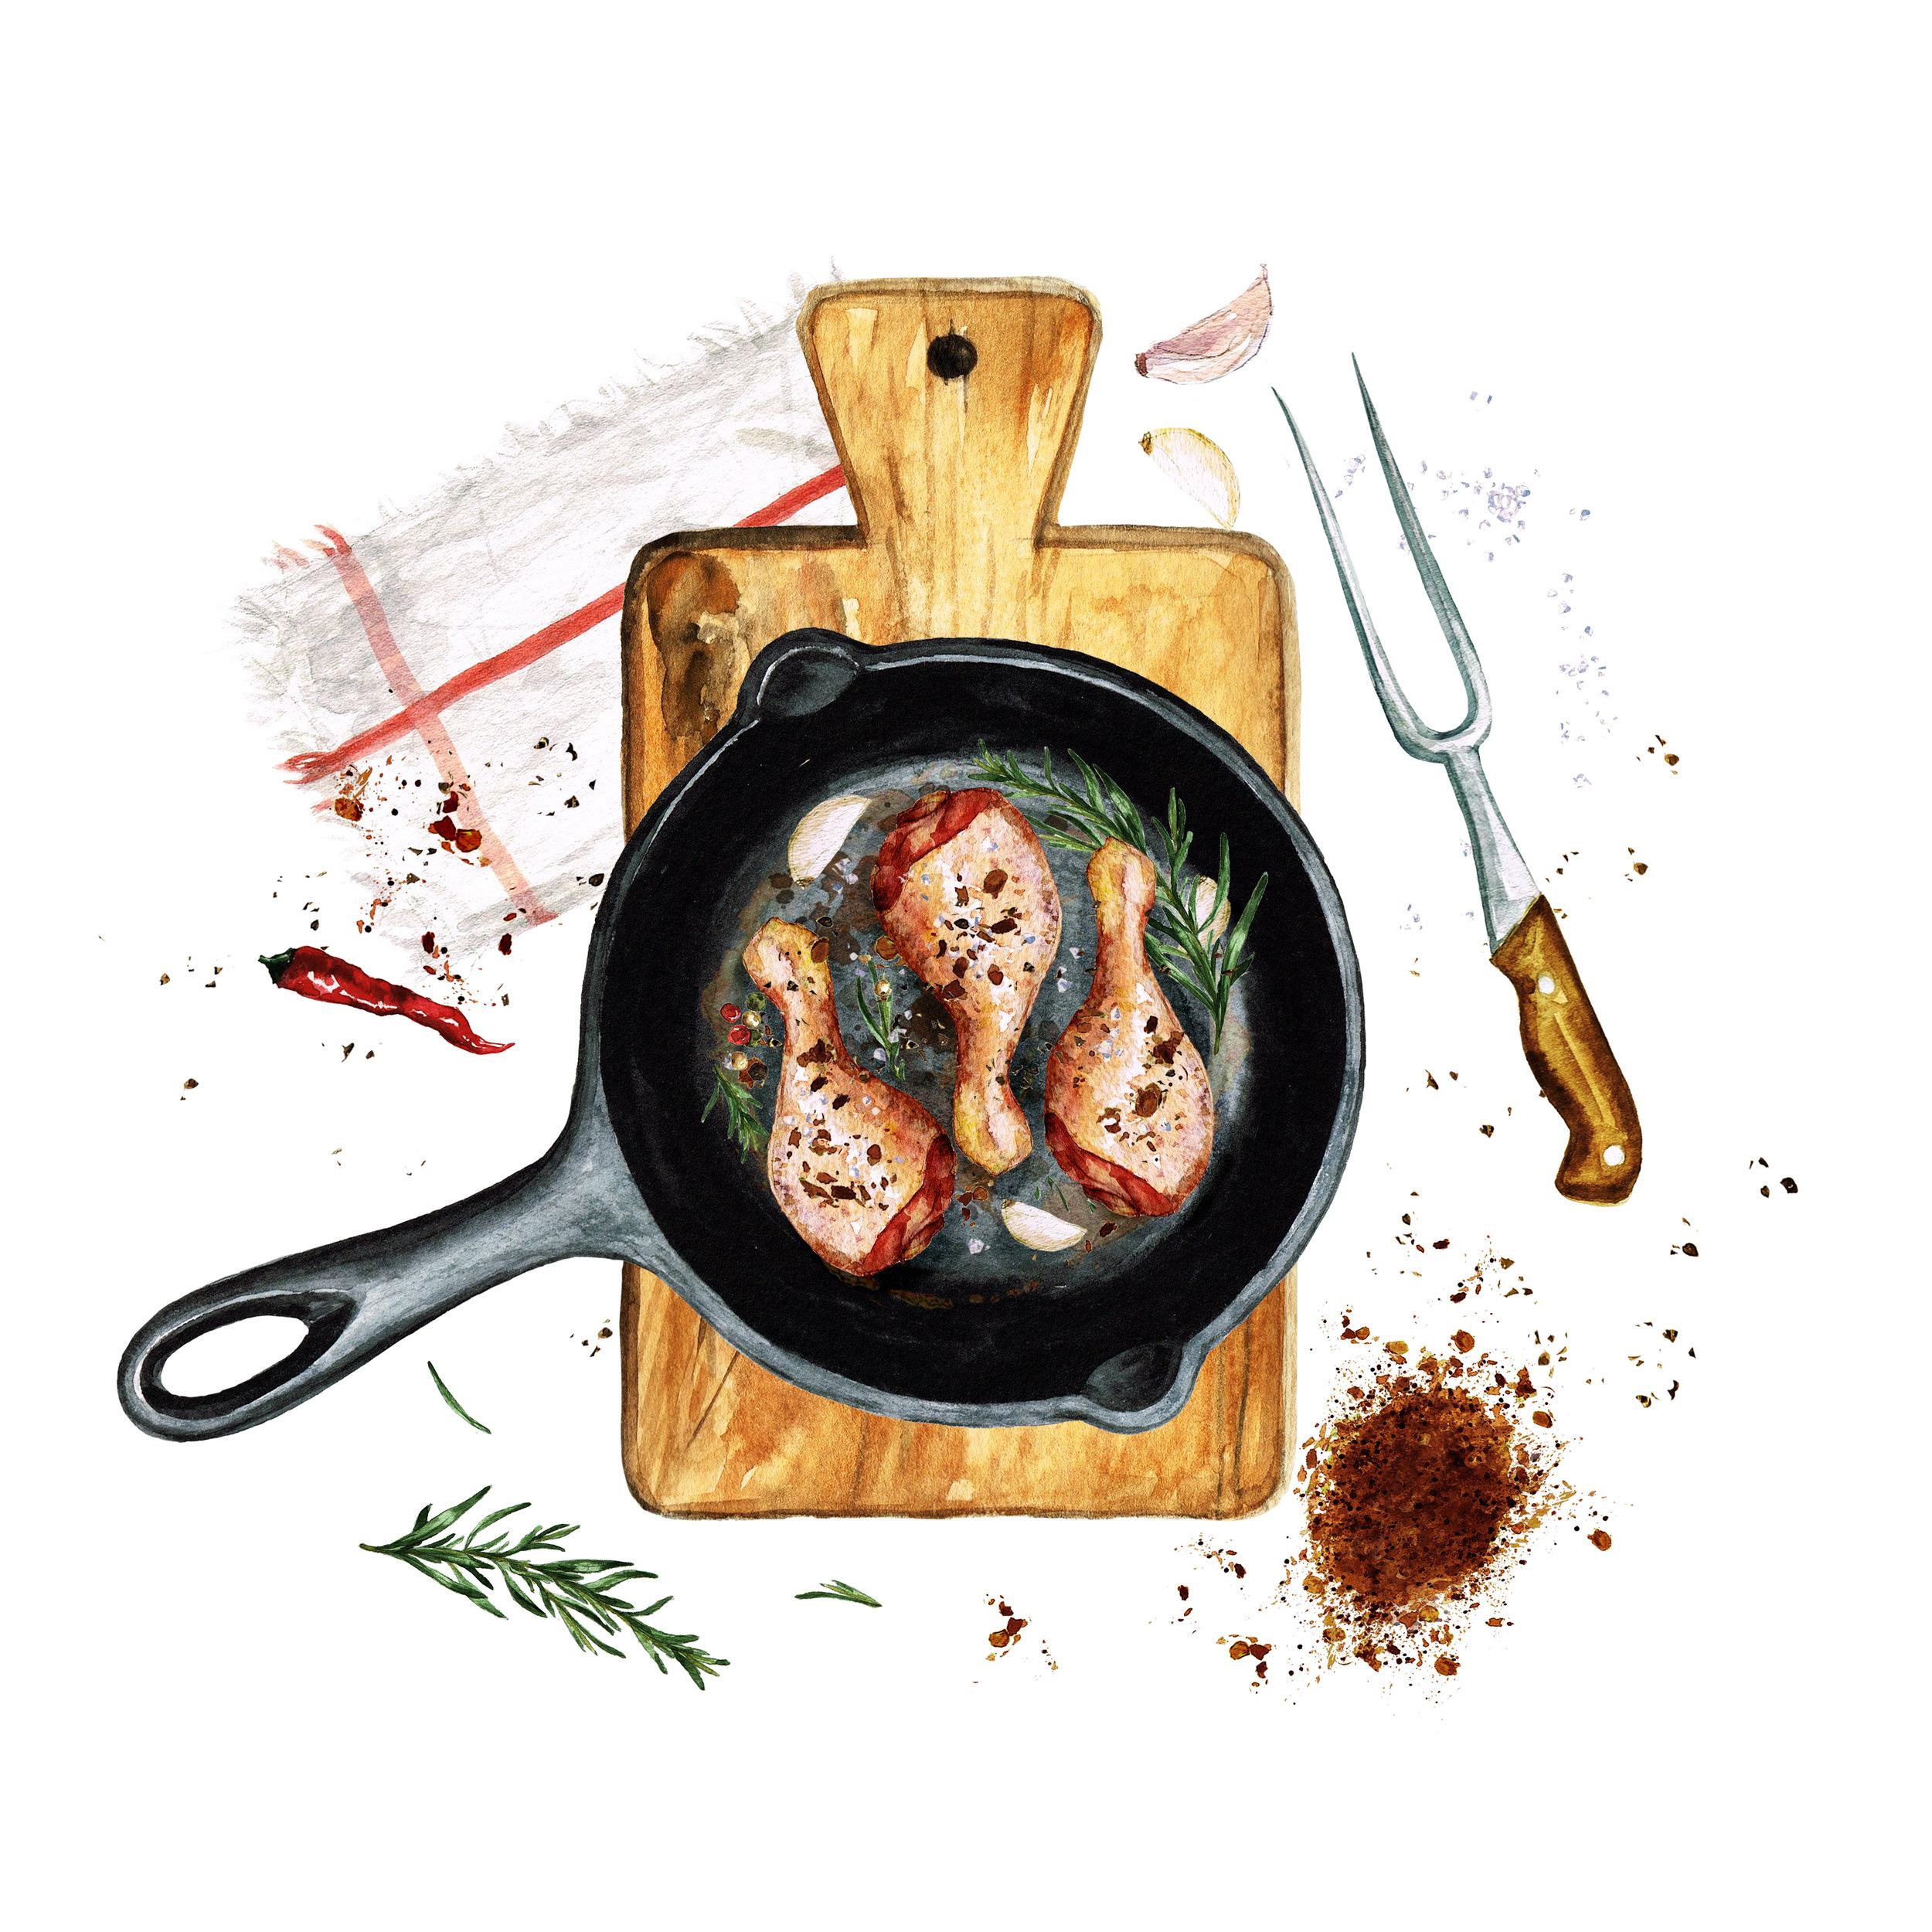 FOOD_MEAL_Pan_chicken_1_080217.jpg